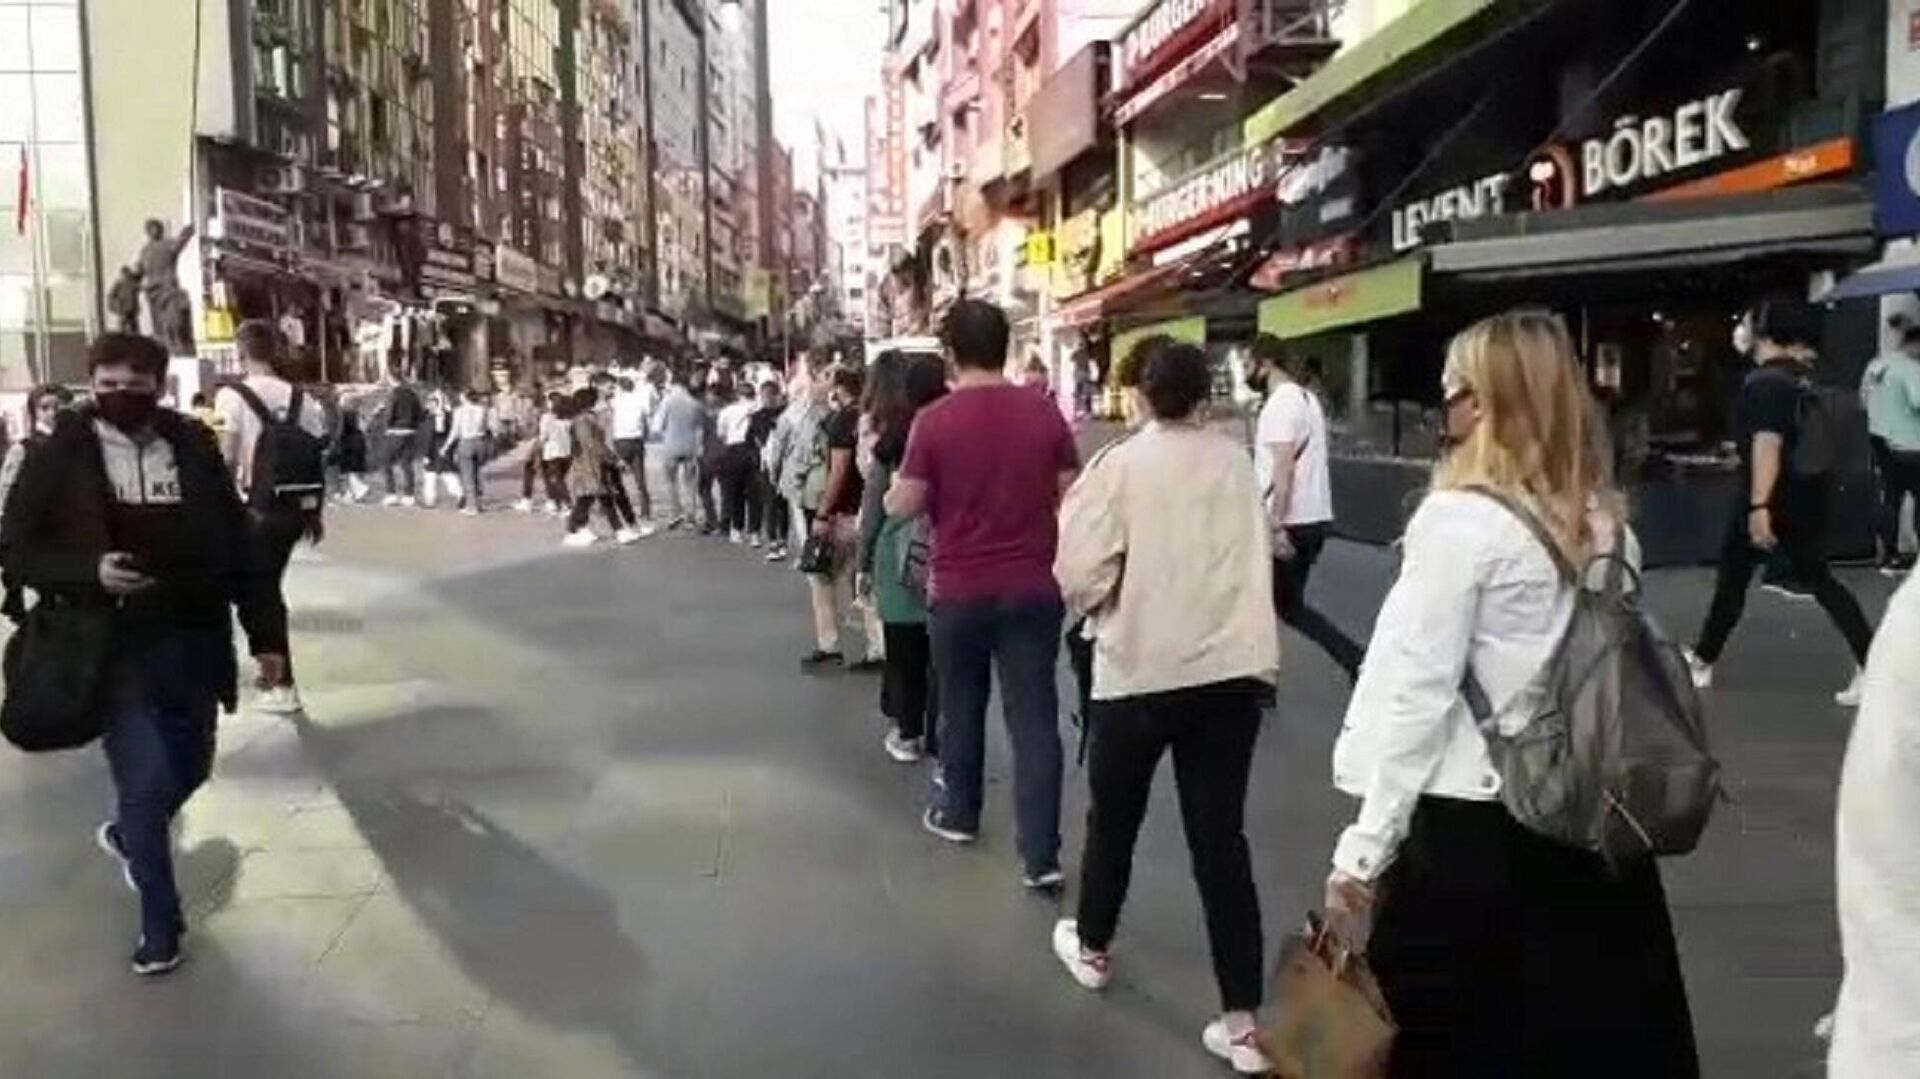 Şirinevler Meydanı'nda metrelerce toplu ulaşım kuyruğu  - Sputnik Türkiye, 1920, 21.09.2021